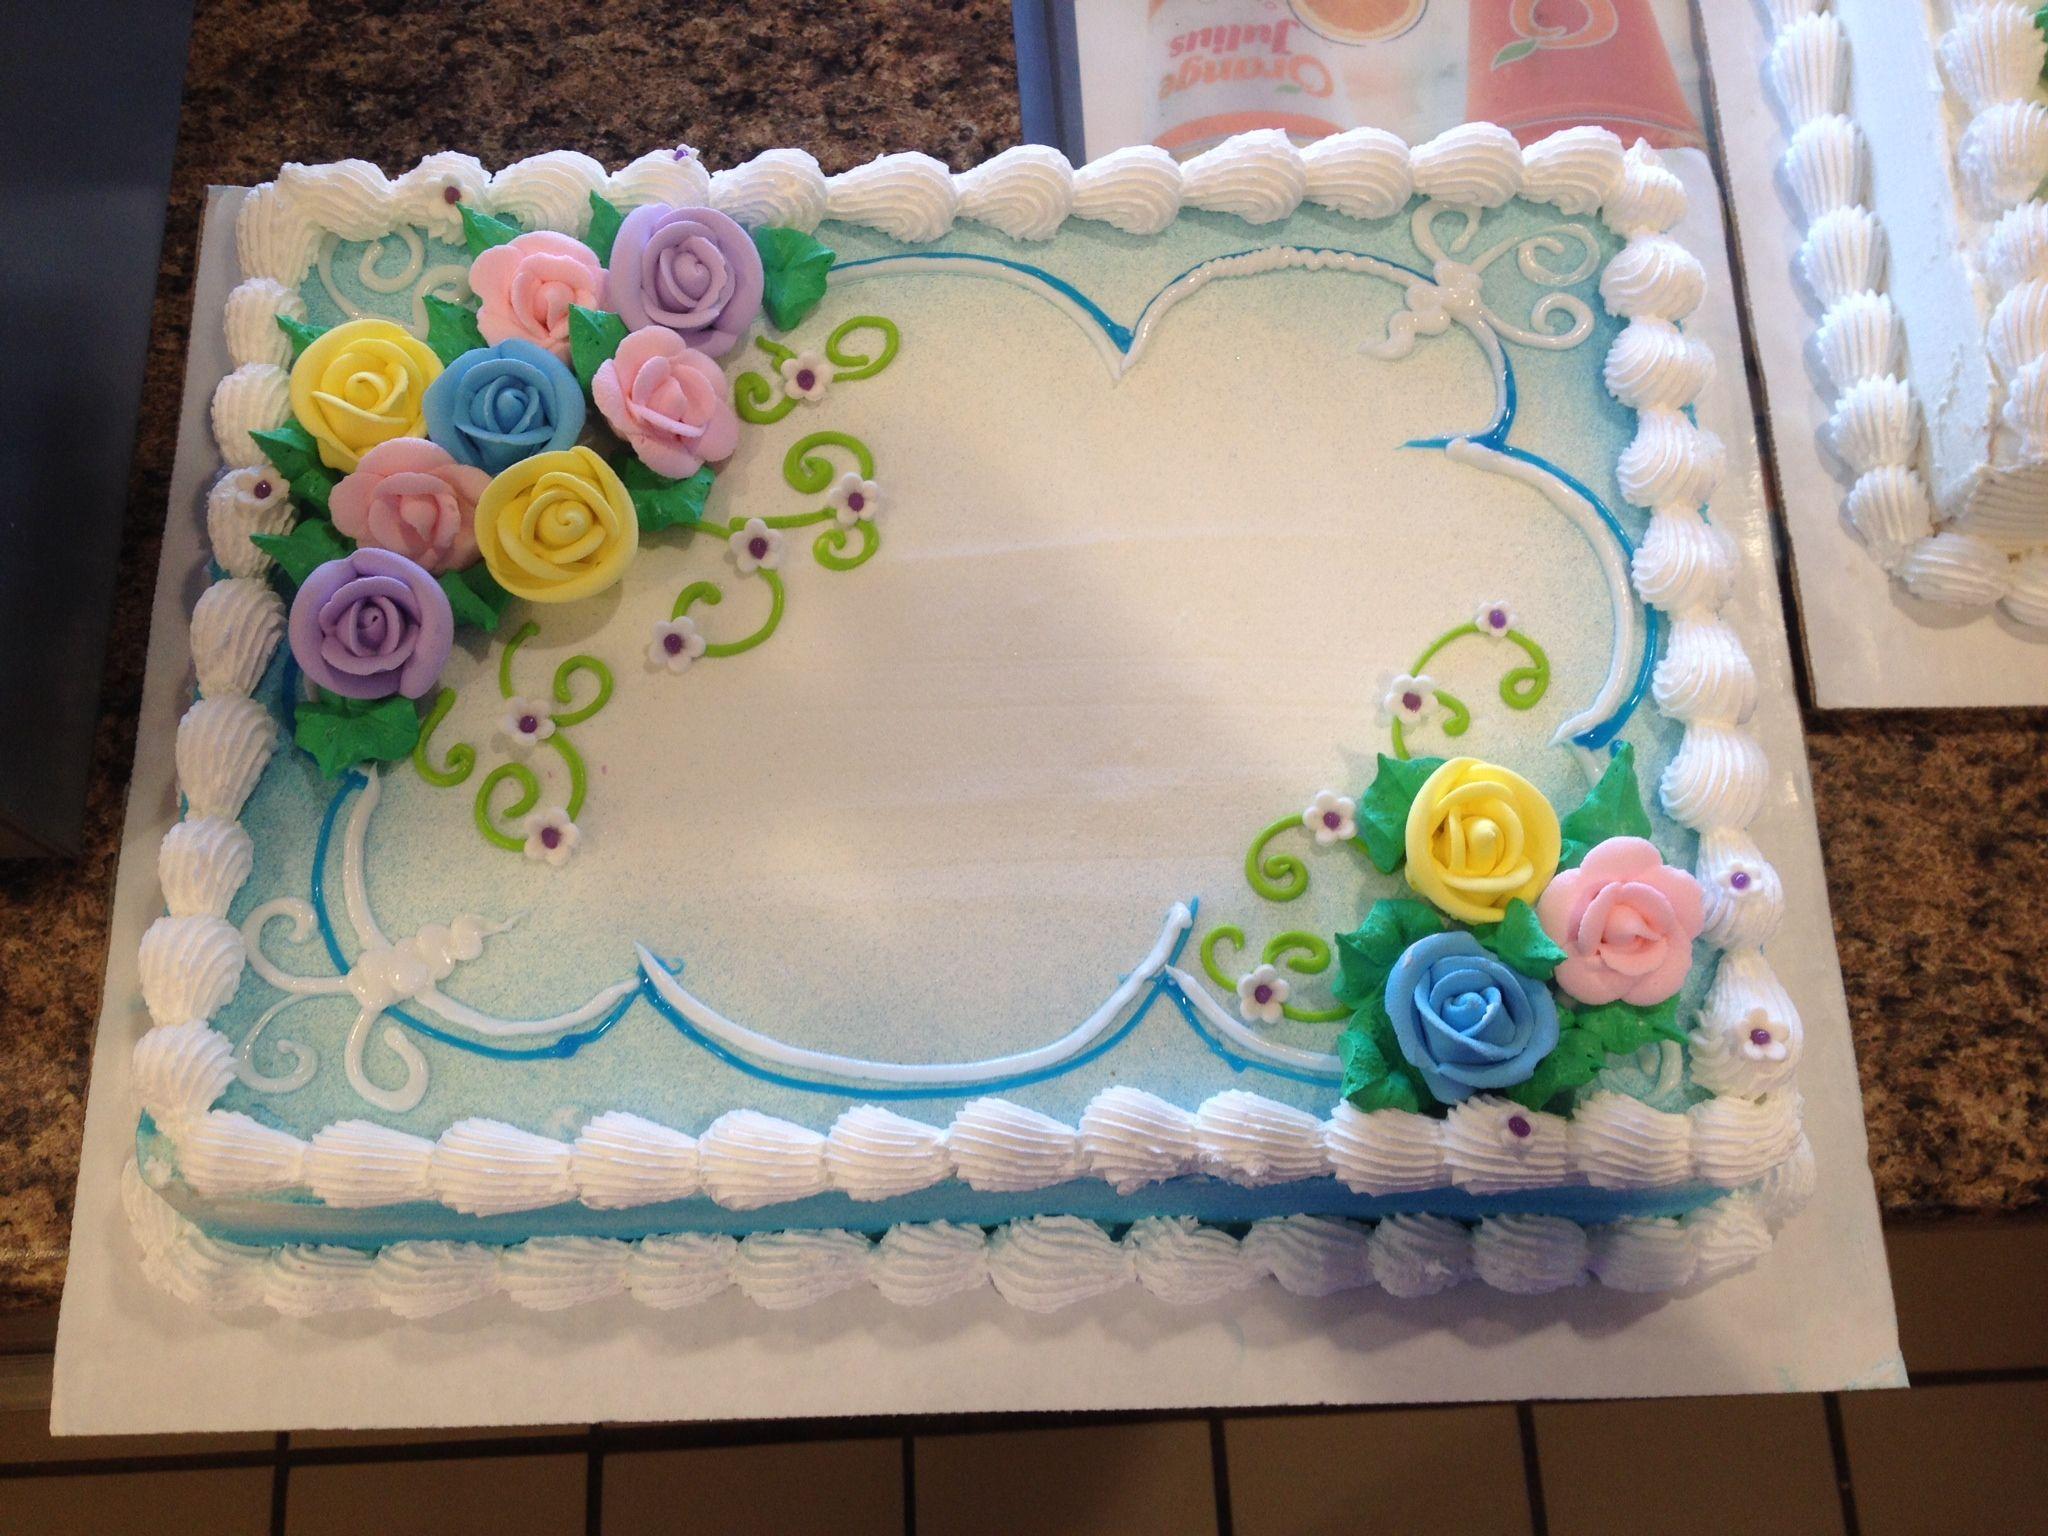 Dairy Queen Birthday Cake Ideas